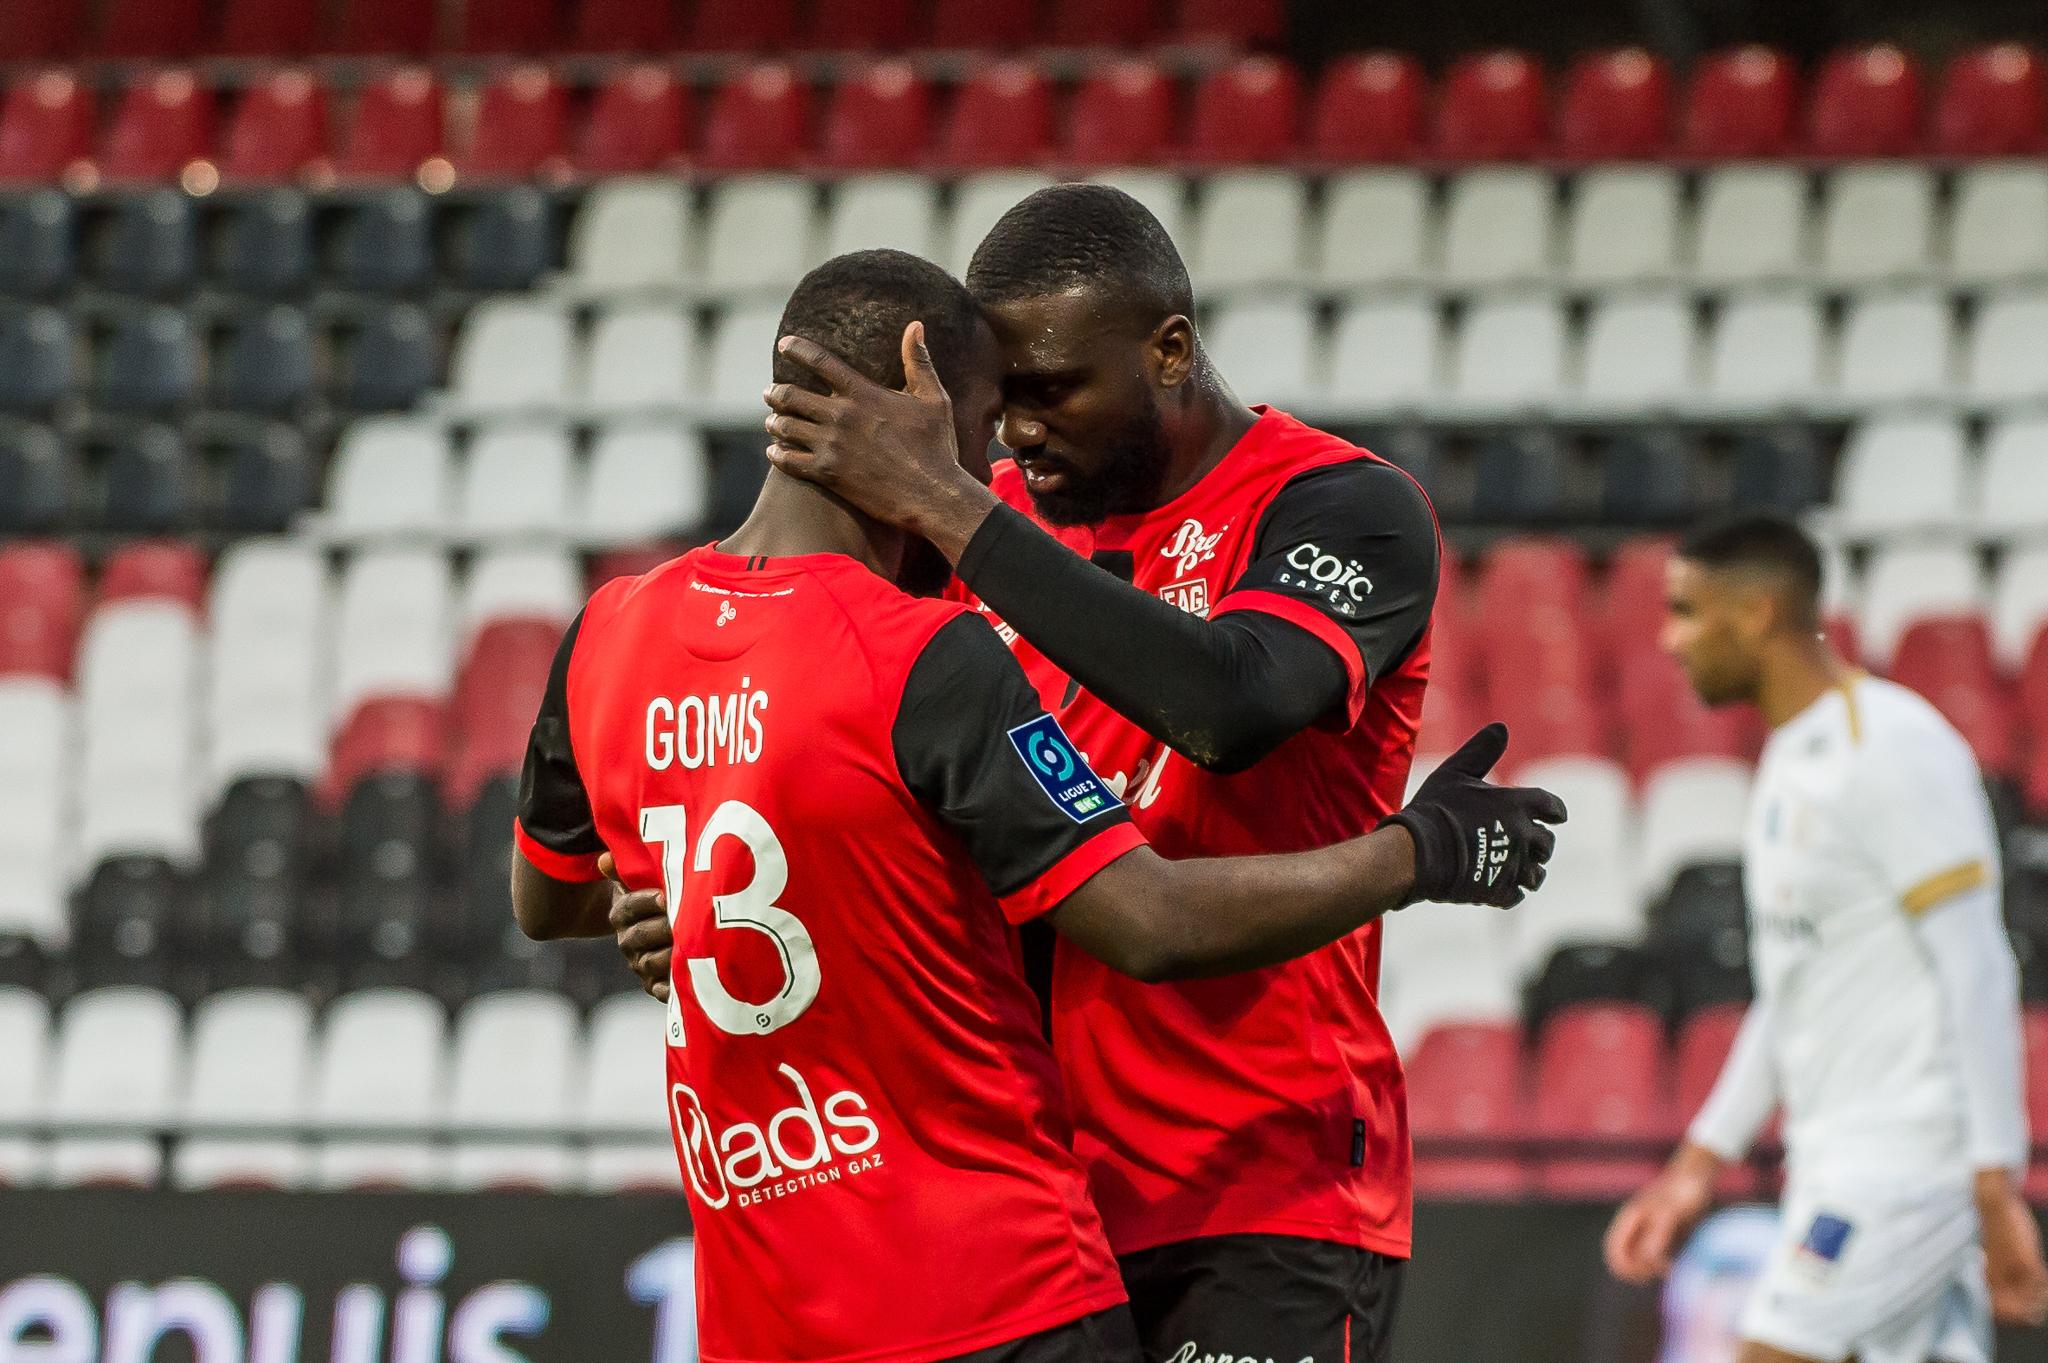 EA Guingamp La Berrichonne Châteauroux J37 Ligue 2 BKT EAGLBC 2-0 Stade de Roudourou FRA_5644